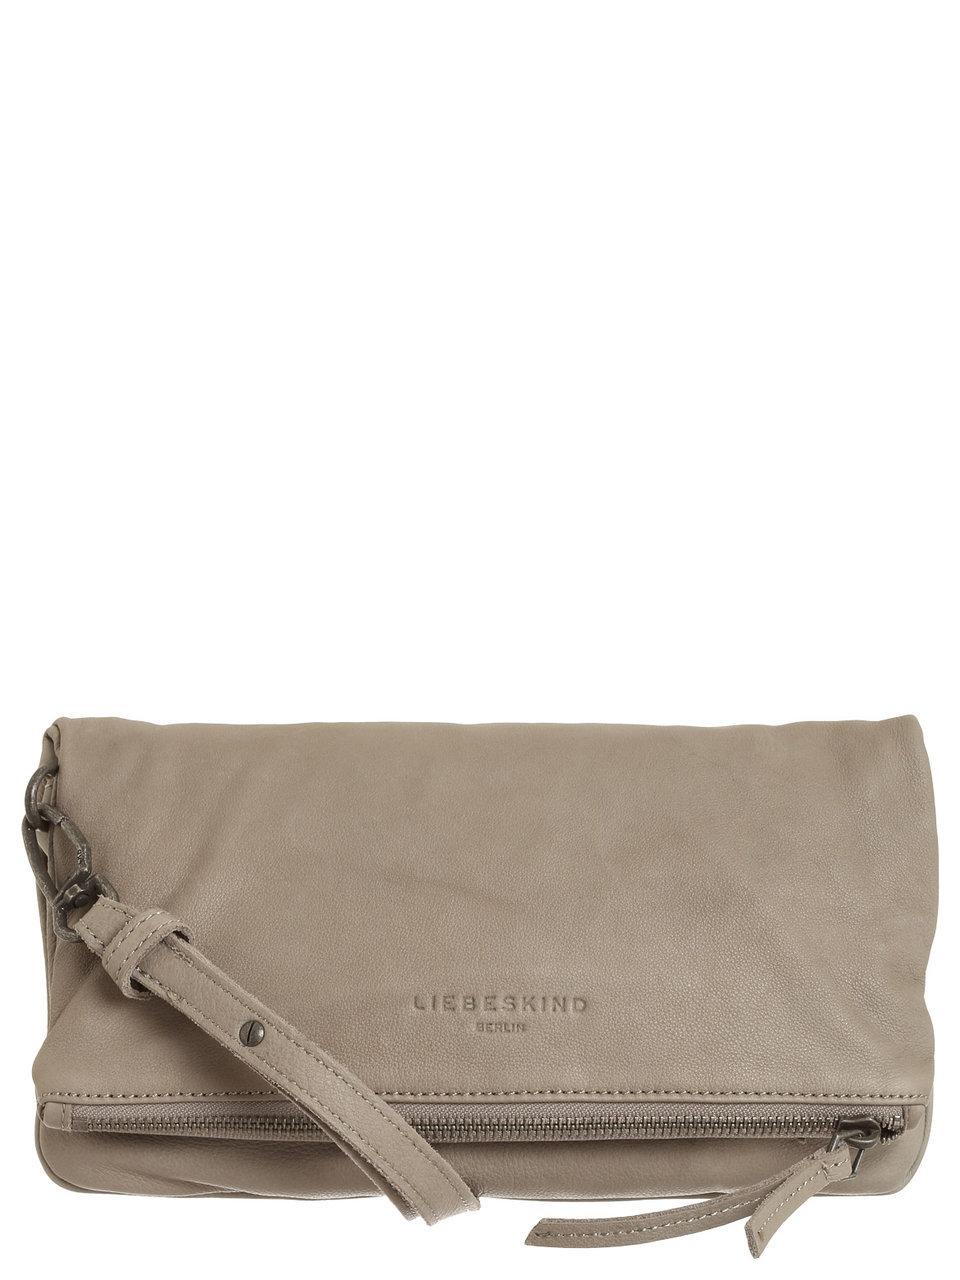 Artikel klicken und genauer betrachten! - Eine Handtasche, die alles kann! Die Clutch von Liebeskind mit Umschlag ist ein stylisches Accessoire und vielseitig tragbar! Ob als feminine Clutch in der Hand liegend, oder mit Lederriemen als kleinere Handtasche über der Schulter ist dieser Liebeskind-Entwurf ein feines Allround-Talent! Hochwertiges Leder macht die besondere Qualität aus: Investieren Sie in dieses hochwertige Casual-Piece mit Pfiff! Clutch von Liebeskind Monochromes Design Innenfutter unifarben Aufteilung in Hauptfach und ein Nebenfach Schließt mit Umschlag, Reißverschluss und Magnetknopf Zusätzliches Reißverschlussfach auf der Rückseite Abnehmbarer, verstellbarer Schultergurt Länge Schultergurt: 60 x 90 x120 cm Beschläge aus silberfarbenem Metall Logoprägung auf der Vorderseite Maße: 28 x 16 x 2 cm Innenfutter: Baumwolle Material: Leder Saison: Herbst / Winter Versand des Artikels / Ware erfolgt zügig dauert ca. 2 - 4 Werktage.  | im Online Shop kaufen